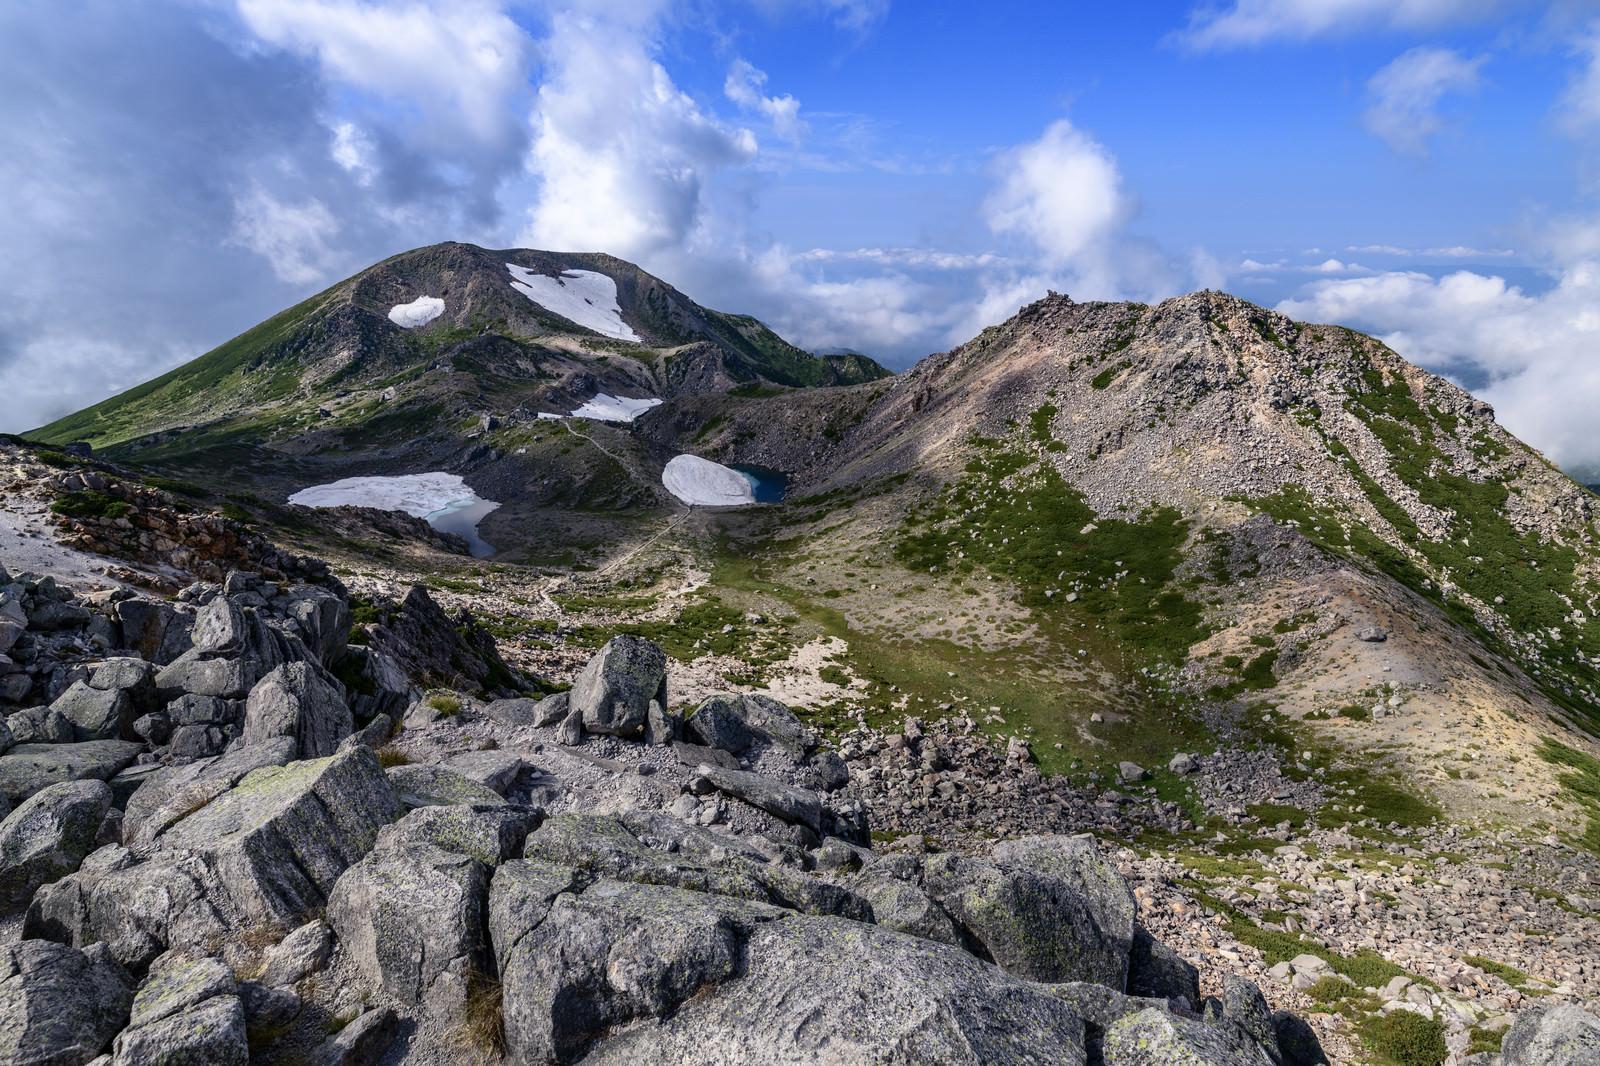 「晴れた空の下の大汝峰と剣ヶ峰(白山)」の写真